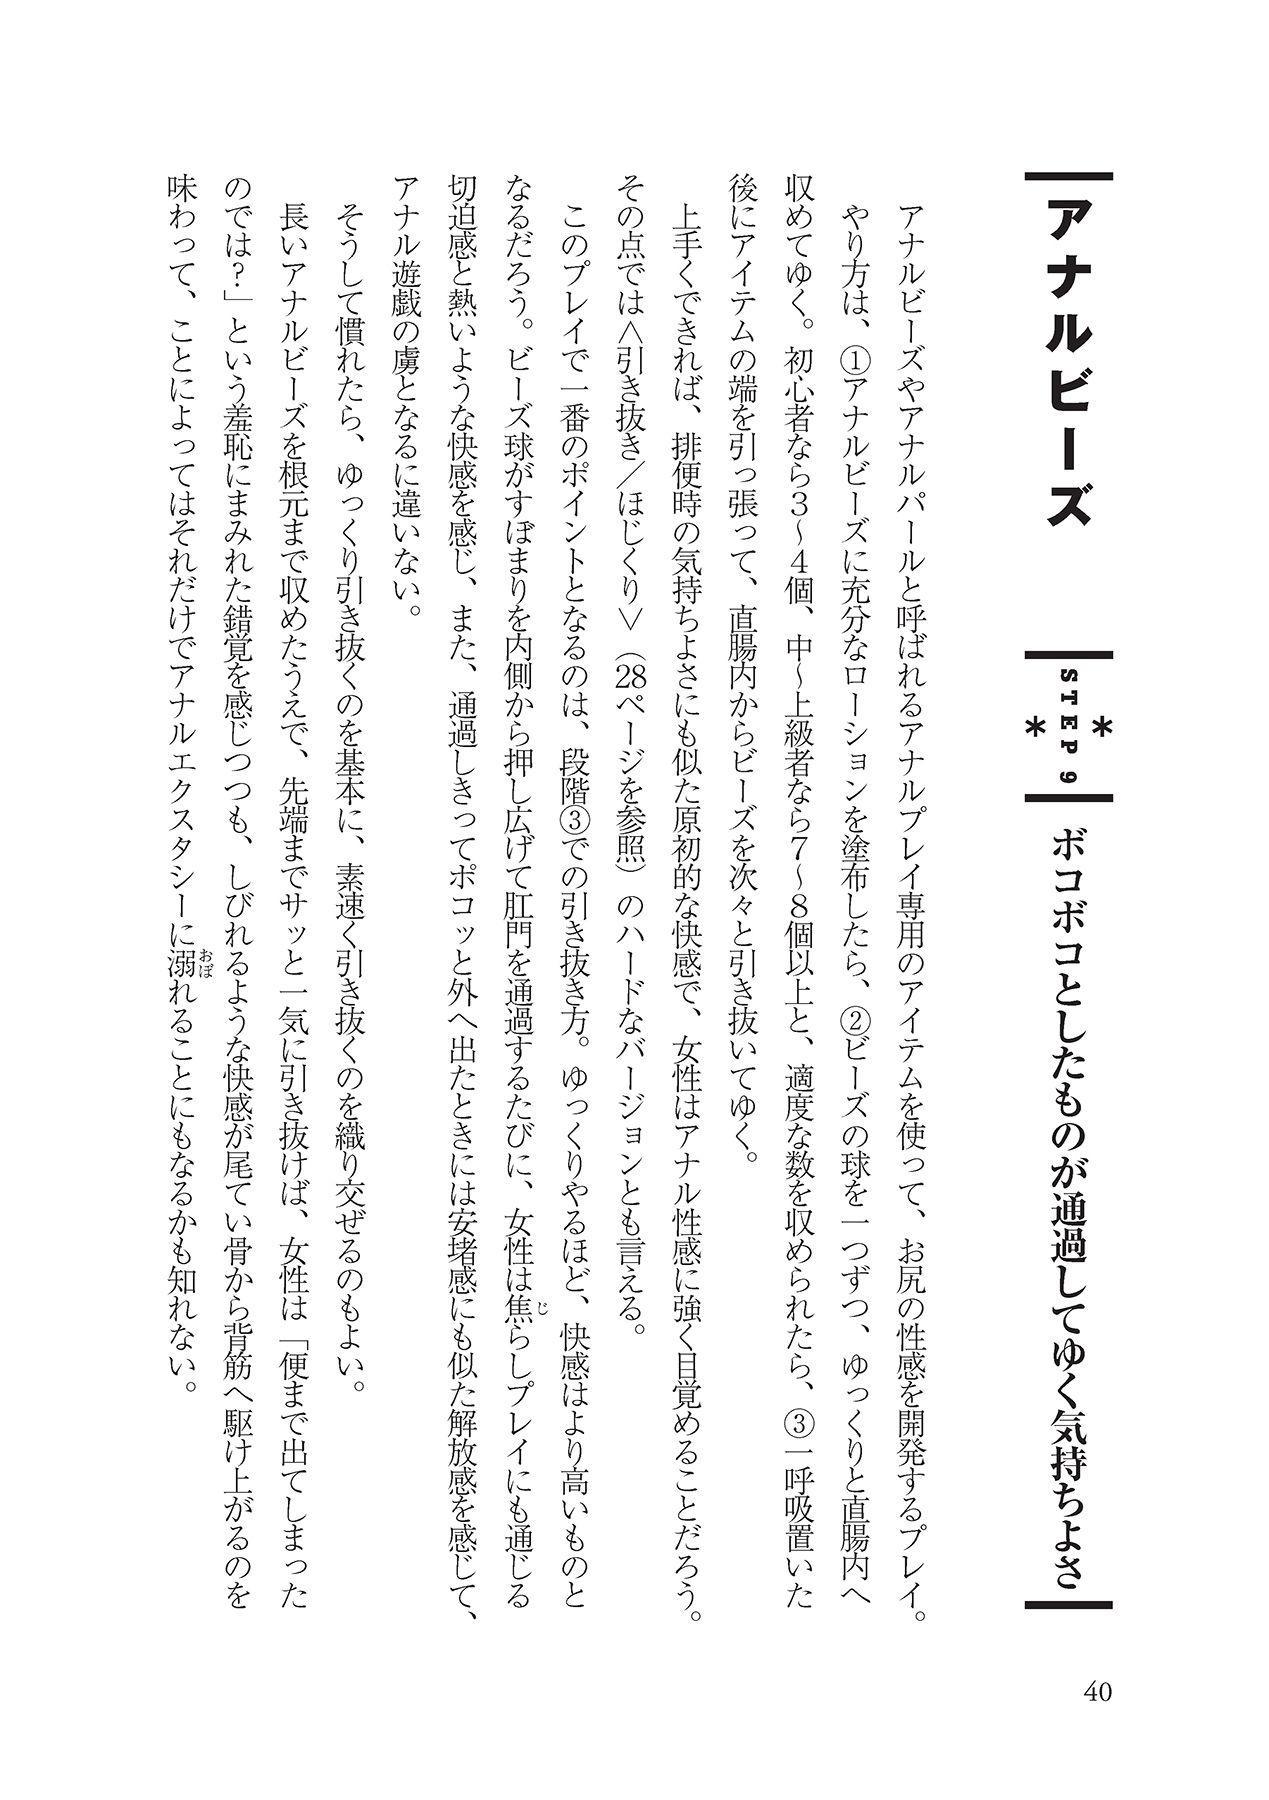 アナル性感開発・お尻エッチ 完全マニュアル 41